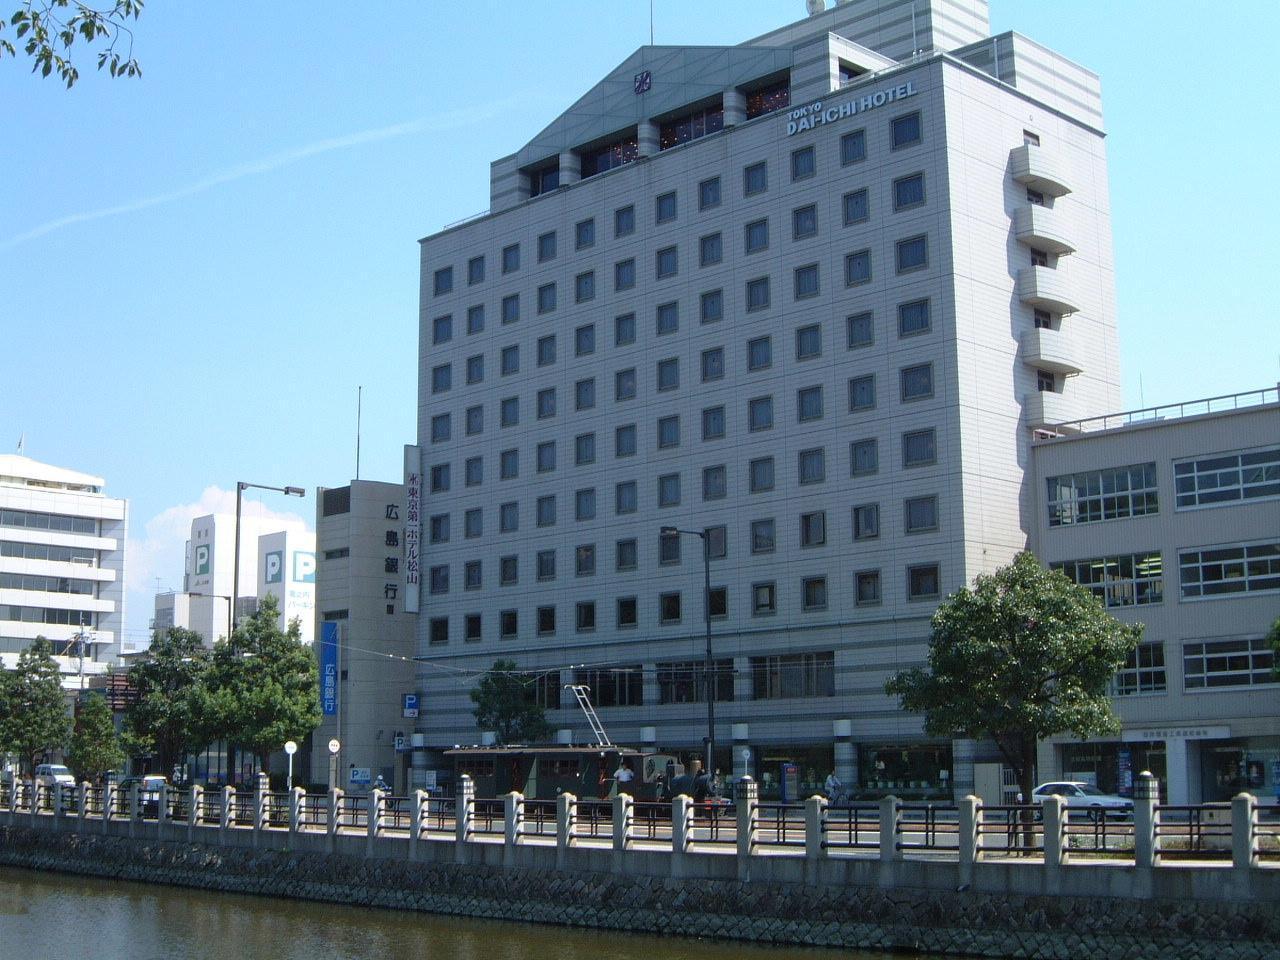 โรงแรมโตเกียว ไดอิชิ มัตสึยะมะ